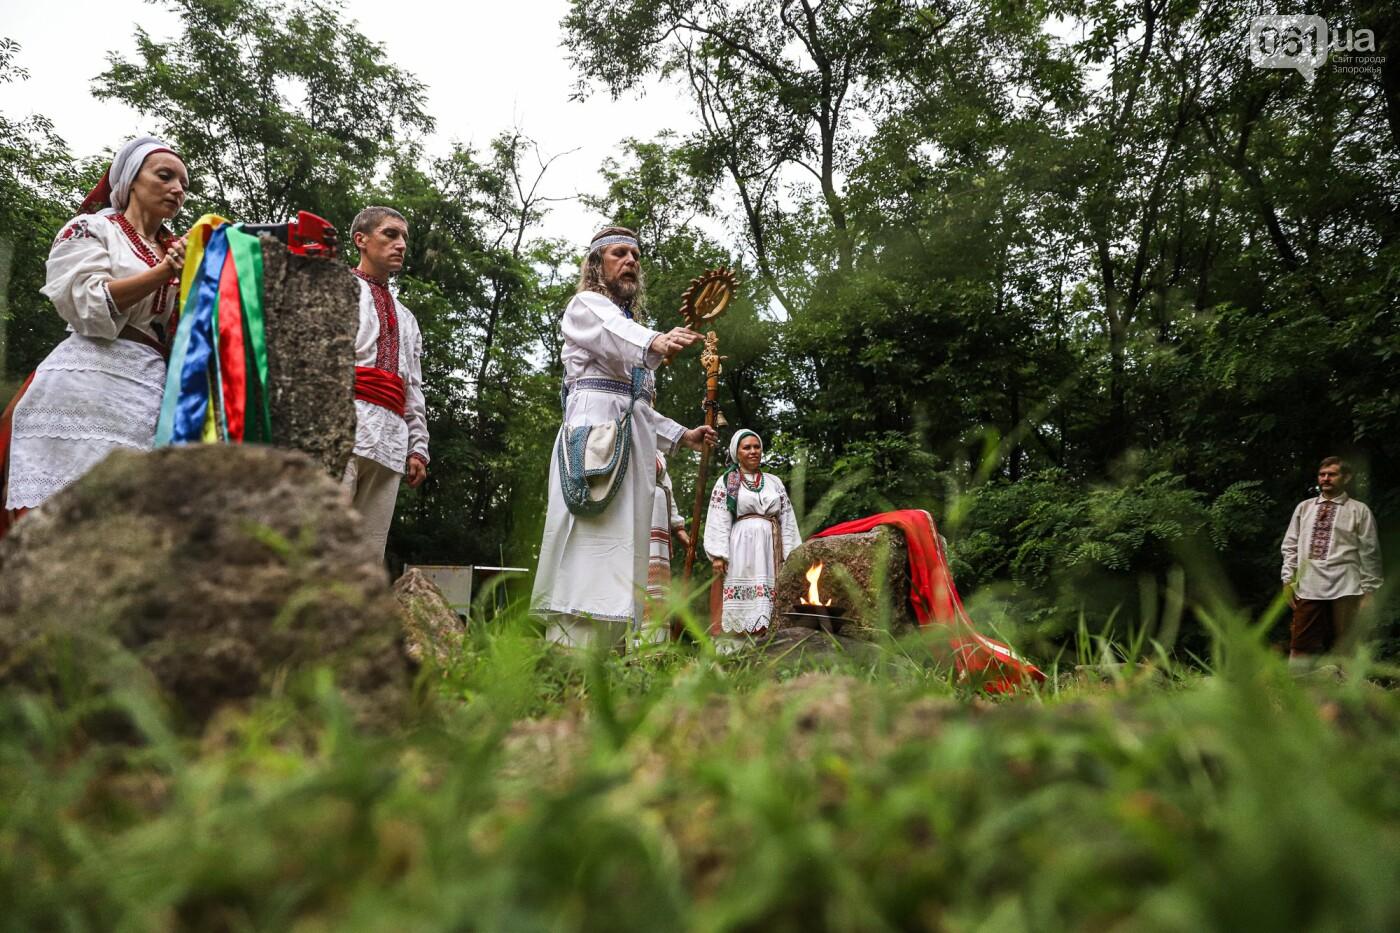 Огонь и дубовые венки: как на Хортице отметили праздник Перуна, - ФОТОРЕПОРТАЖ, фото-16